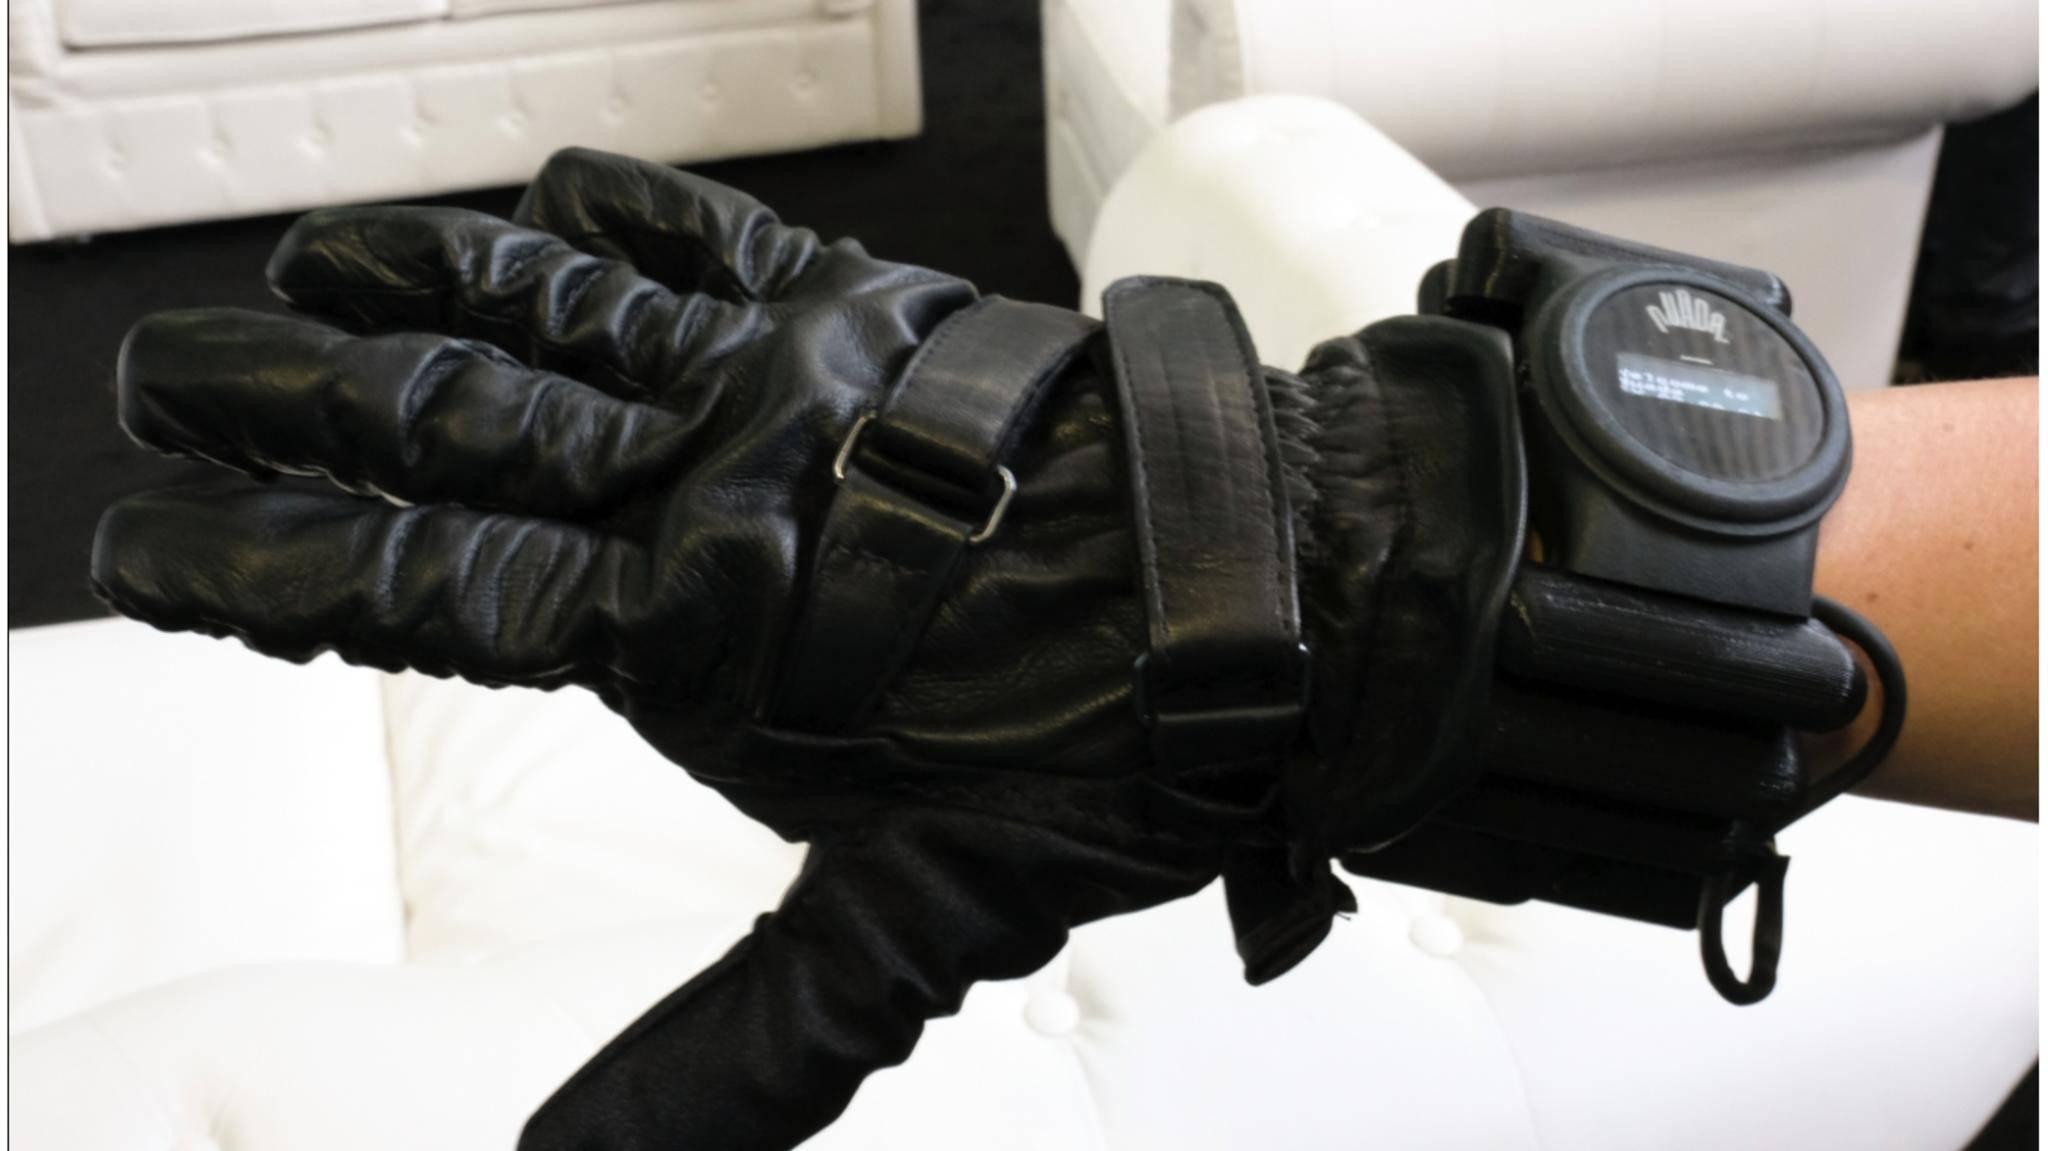 Der Nuada-Smarthandschuh stärkt die Handmuskelkraft.